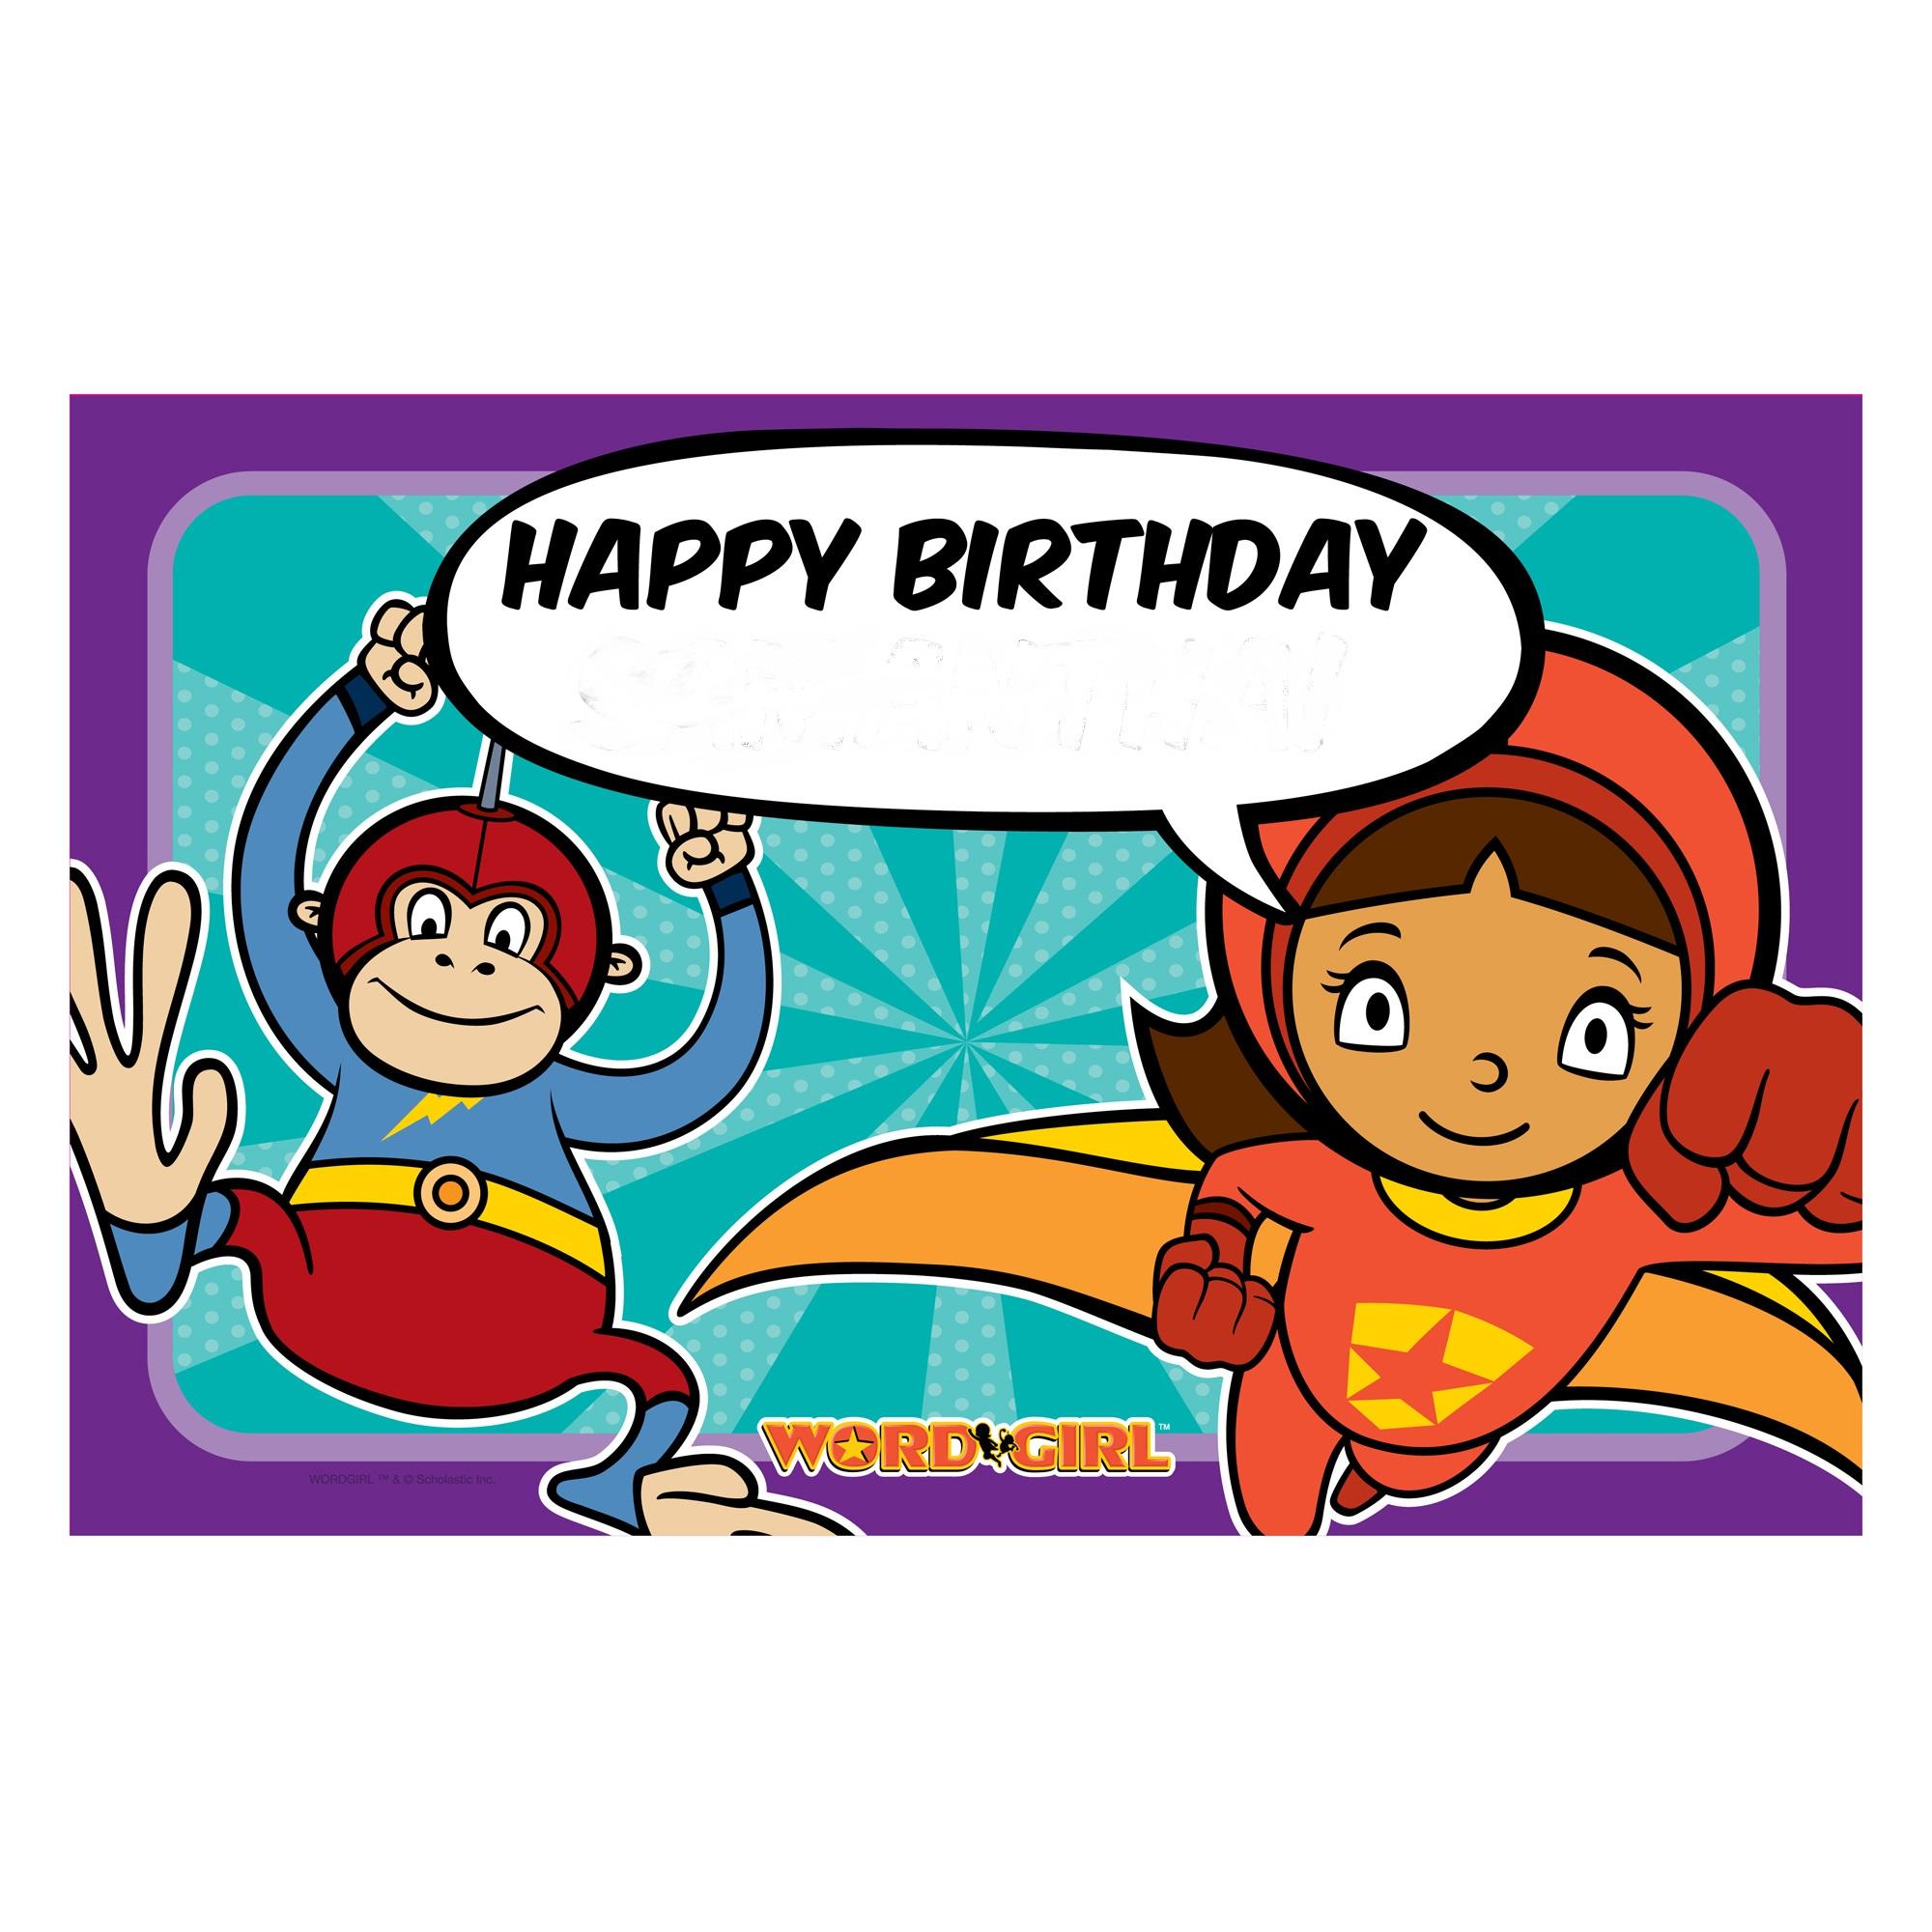 wordgirl birthday